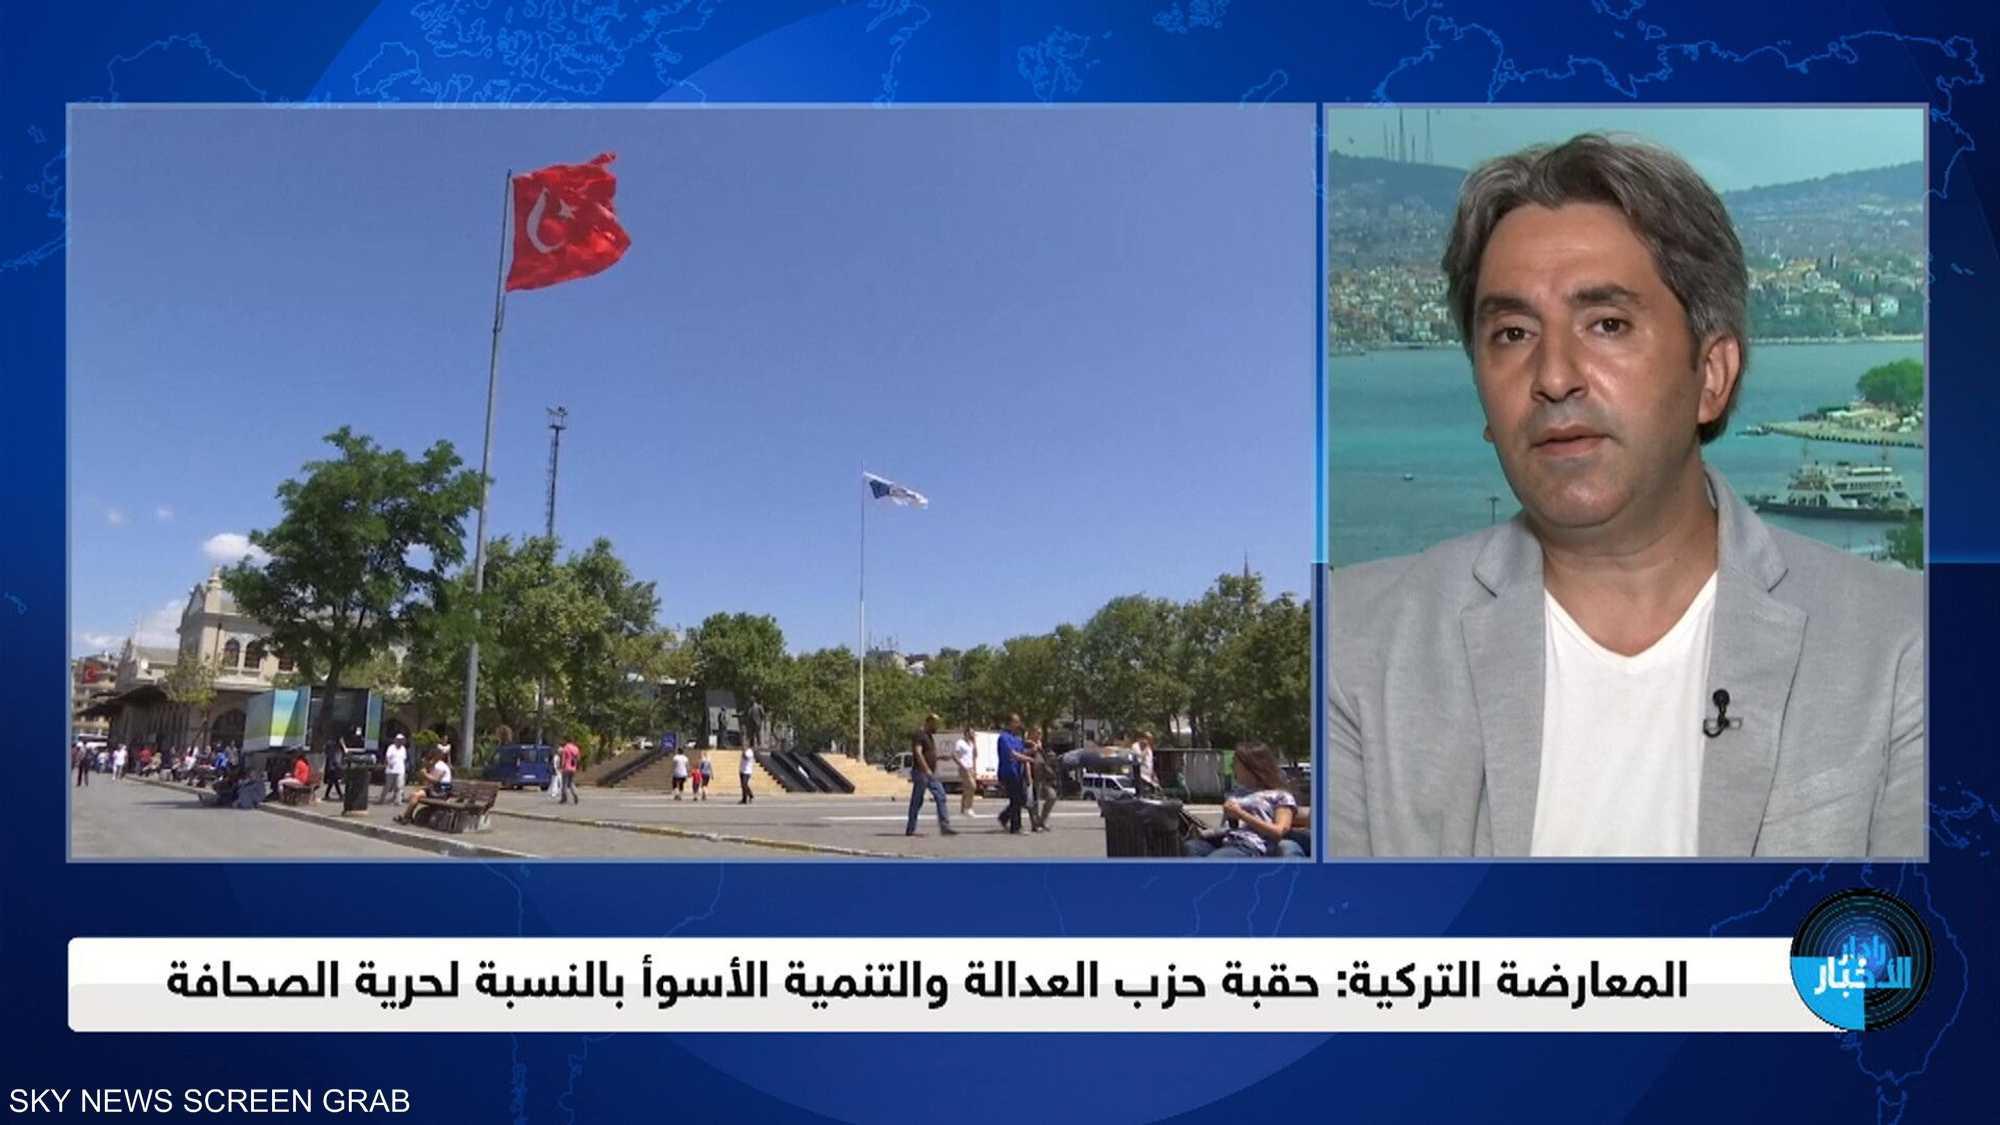 أنقرة تحتل موقعا متأخرا جدا على المؤشر العالمي لحرية الصحافة